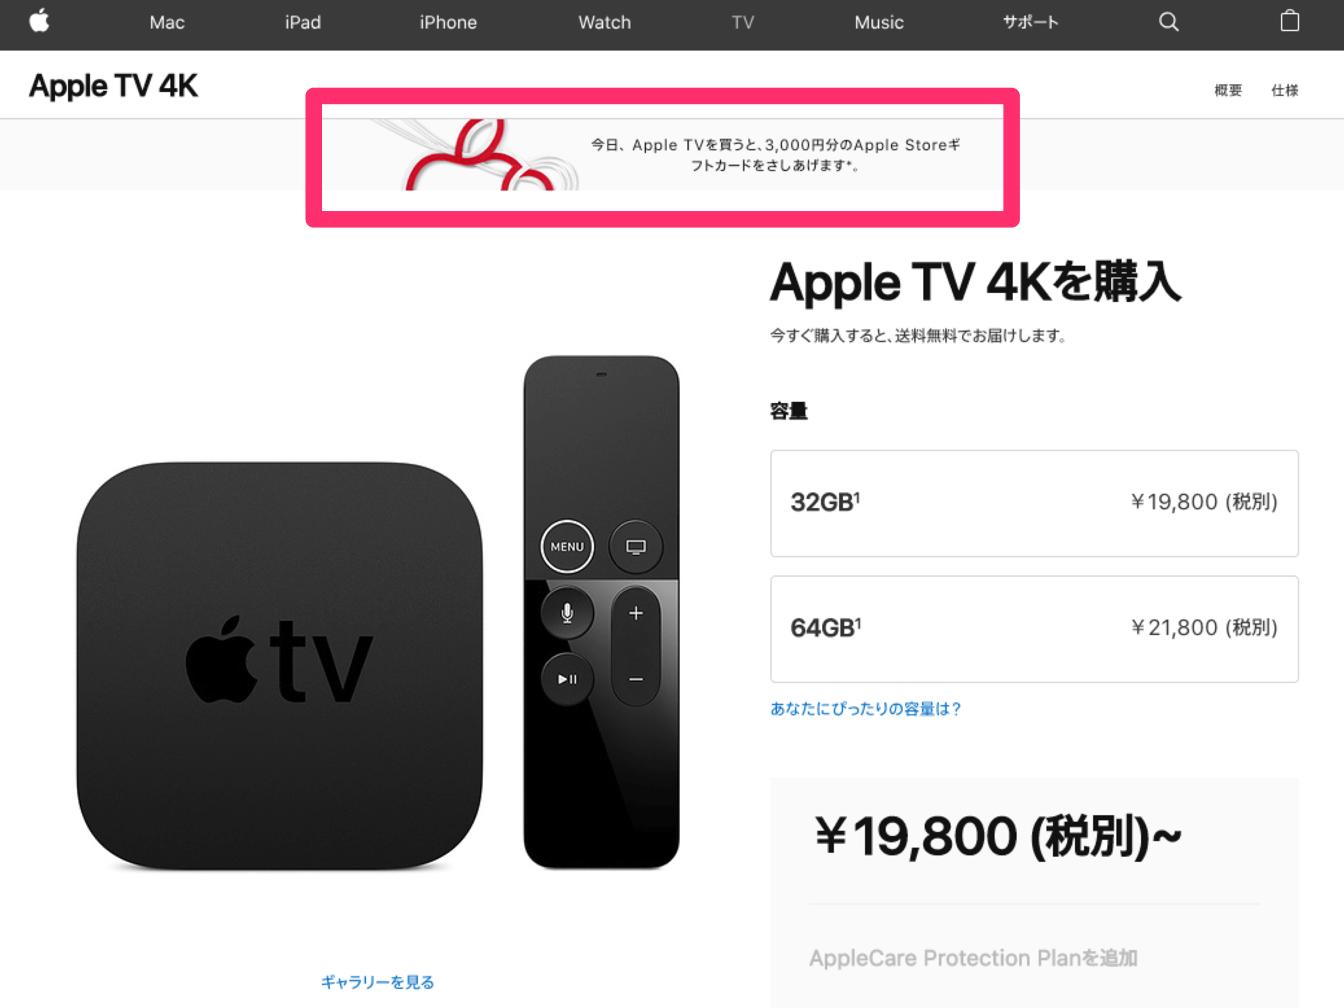 対象製品はギフトカードのプレゼント金額が表示されています。